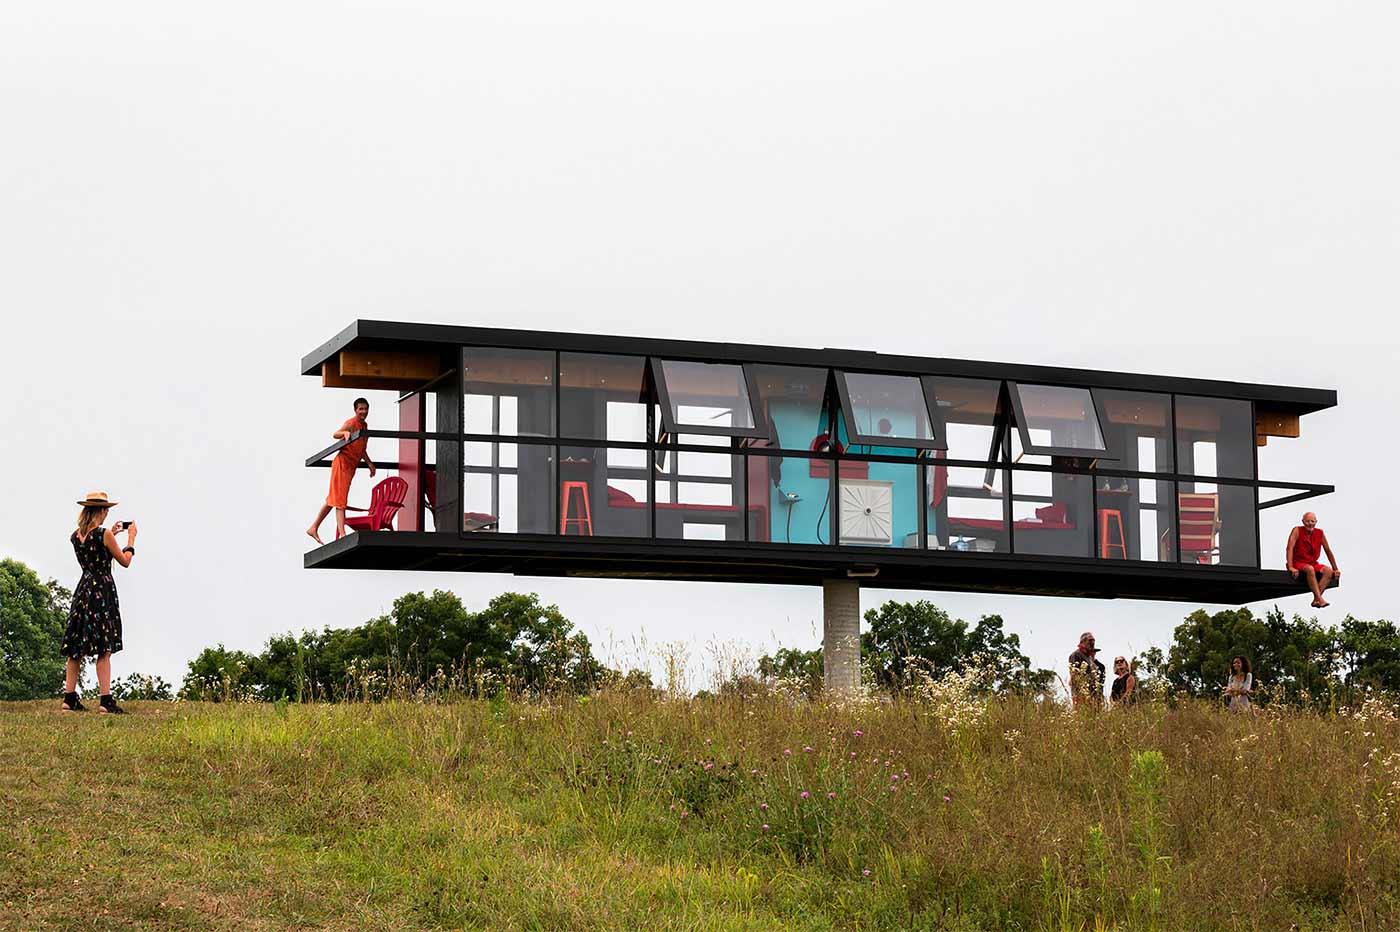 Architektur-Installationen von Alex Schweder & Ward Shelley Alex-Schweder-und-Ward-Shelley_03